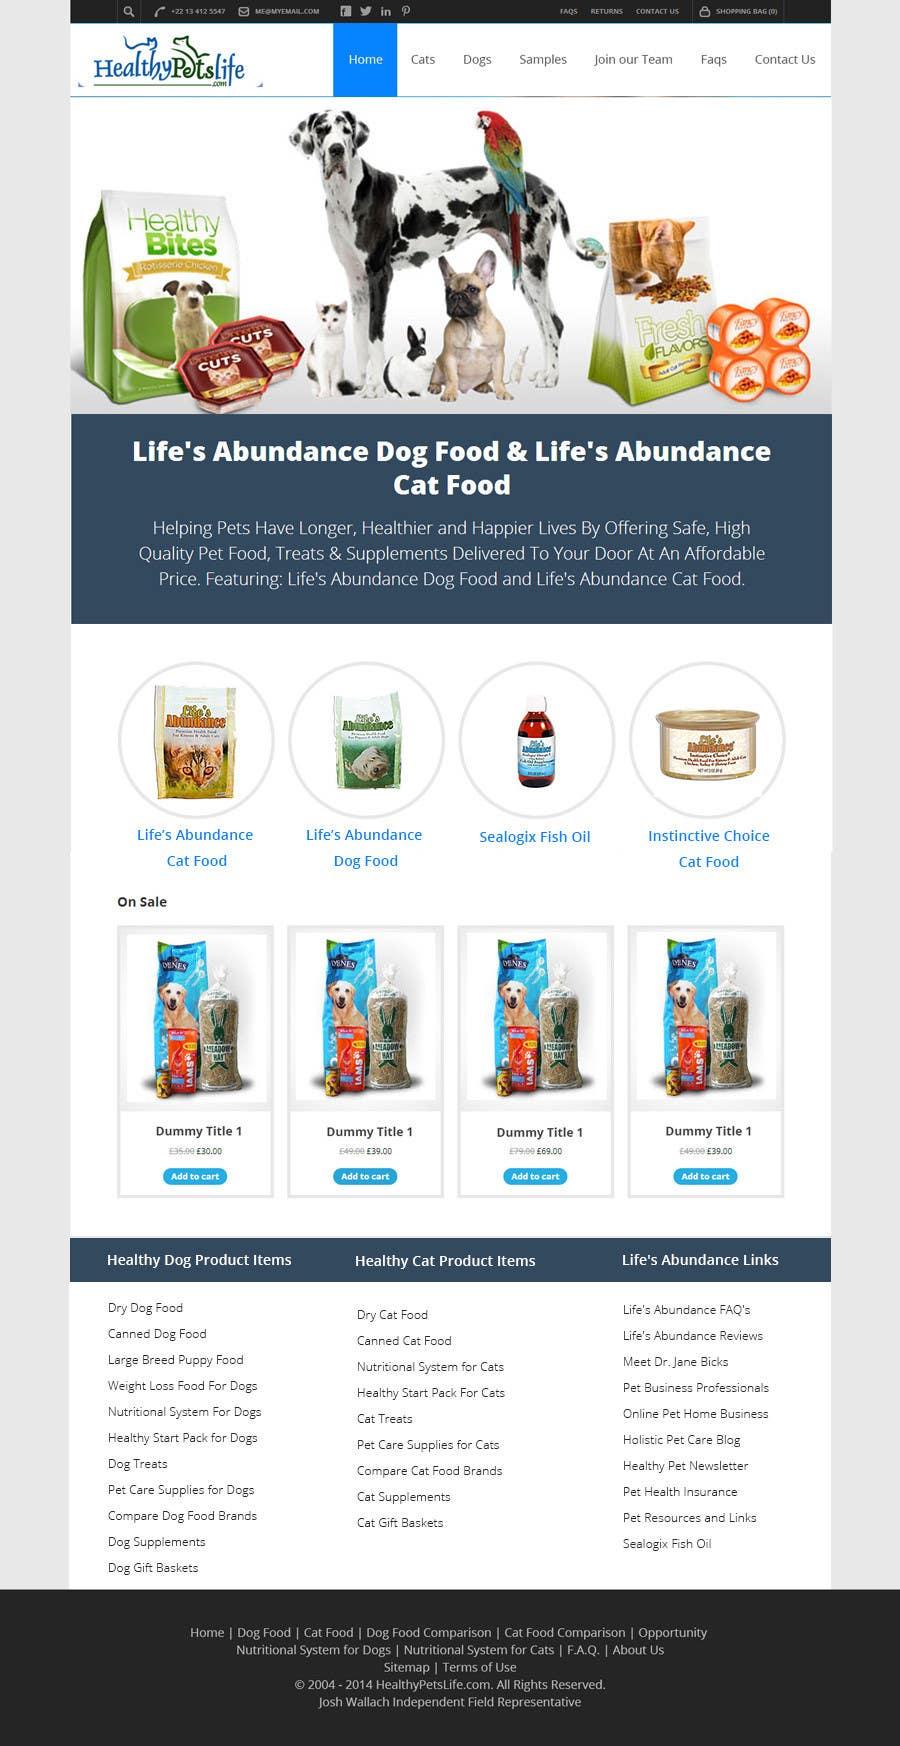 Penyertaan Peraduan #                                        23                                      untuk                                         Design a Wordpress Mockup for Pet Food Website